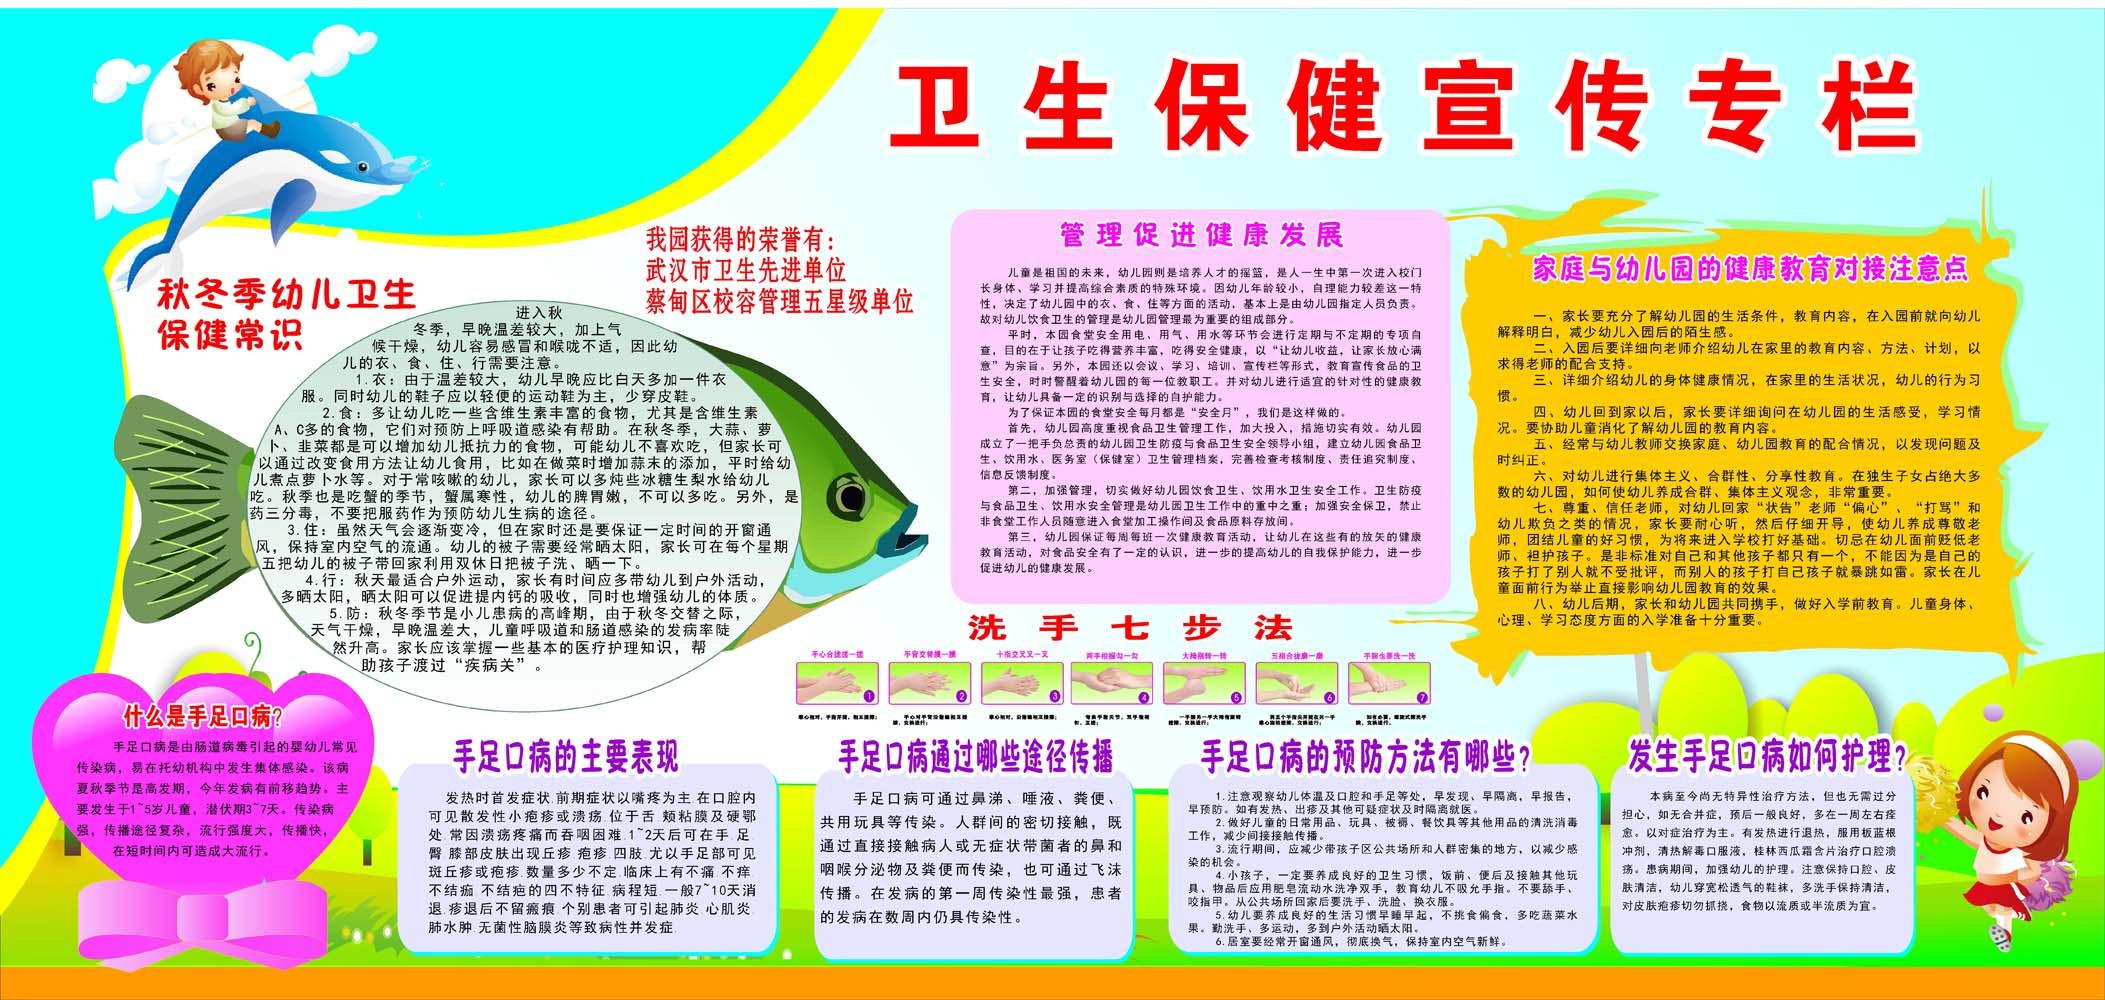 706画布海报展板喷绘素材贴纸36幼儿园卫生保健宣传栏